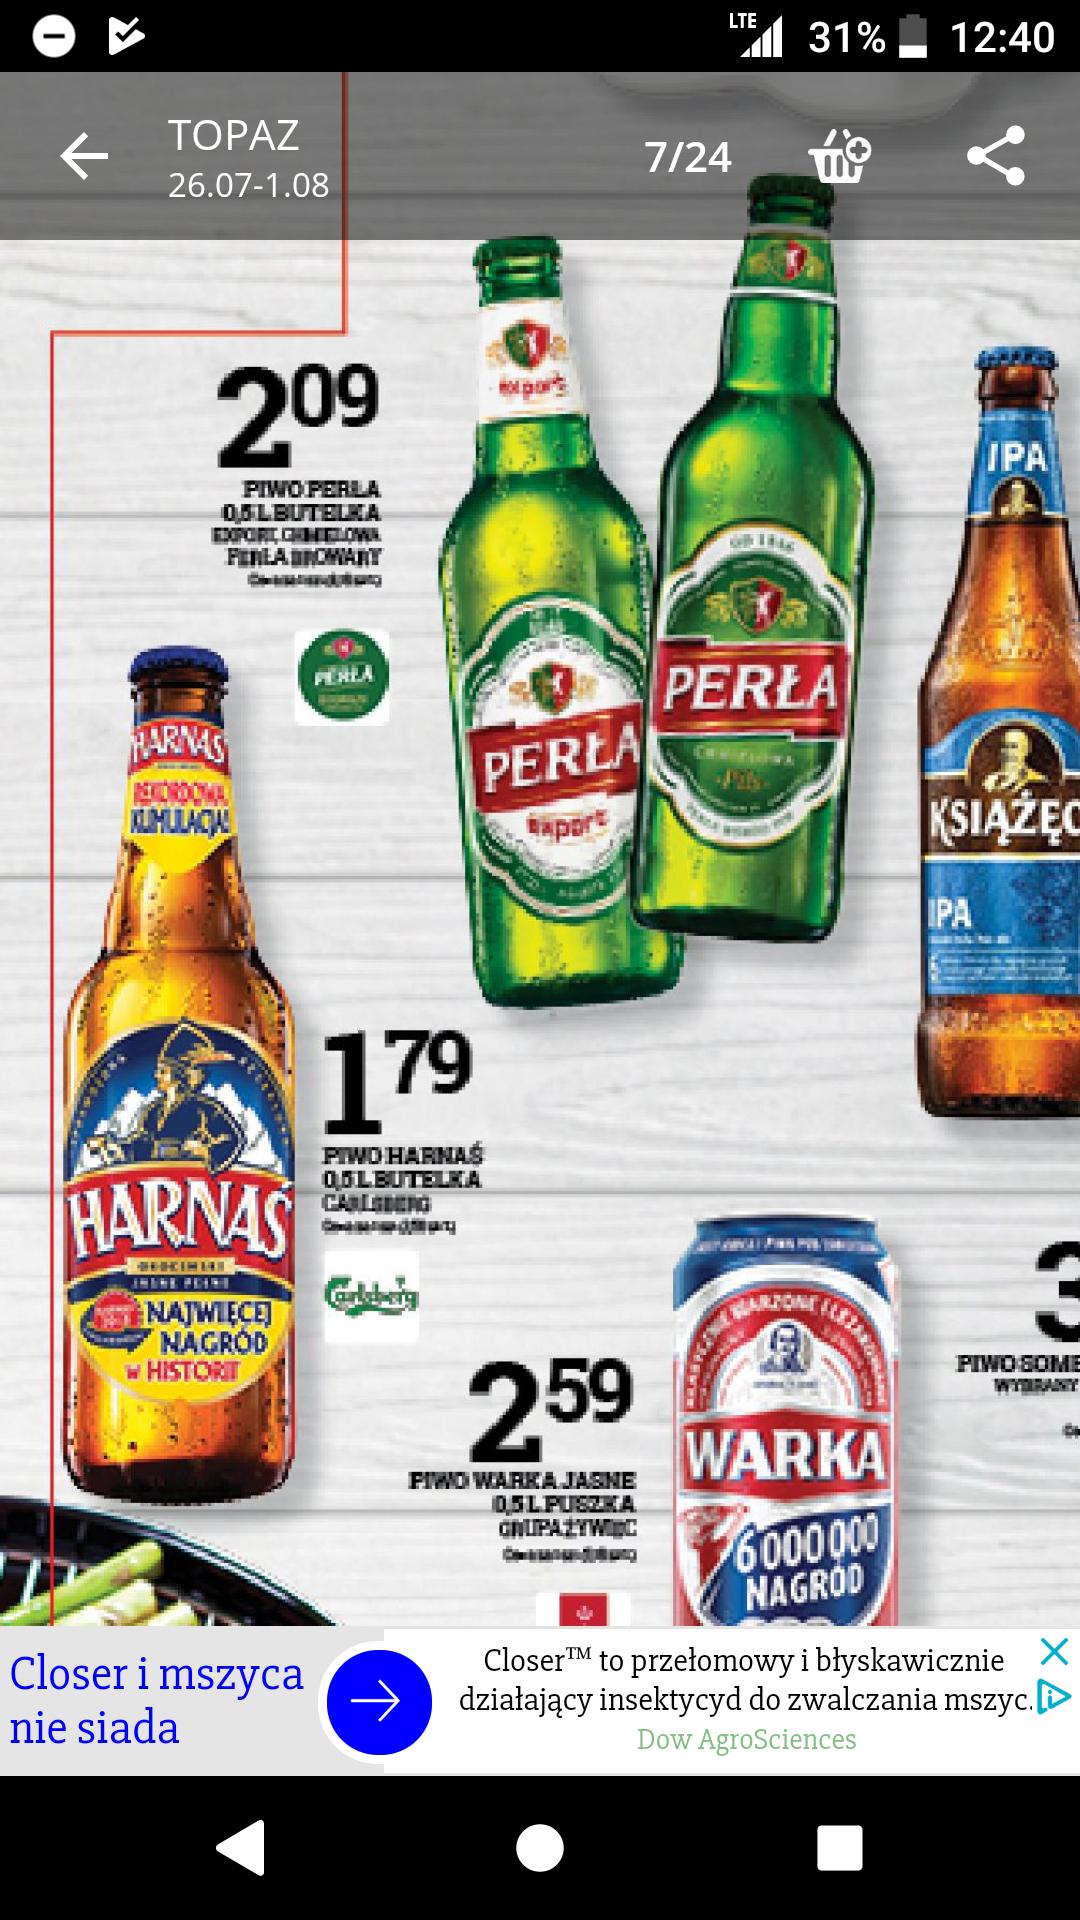 Piwo Harnaś w sieci  sklepów Topaz